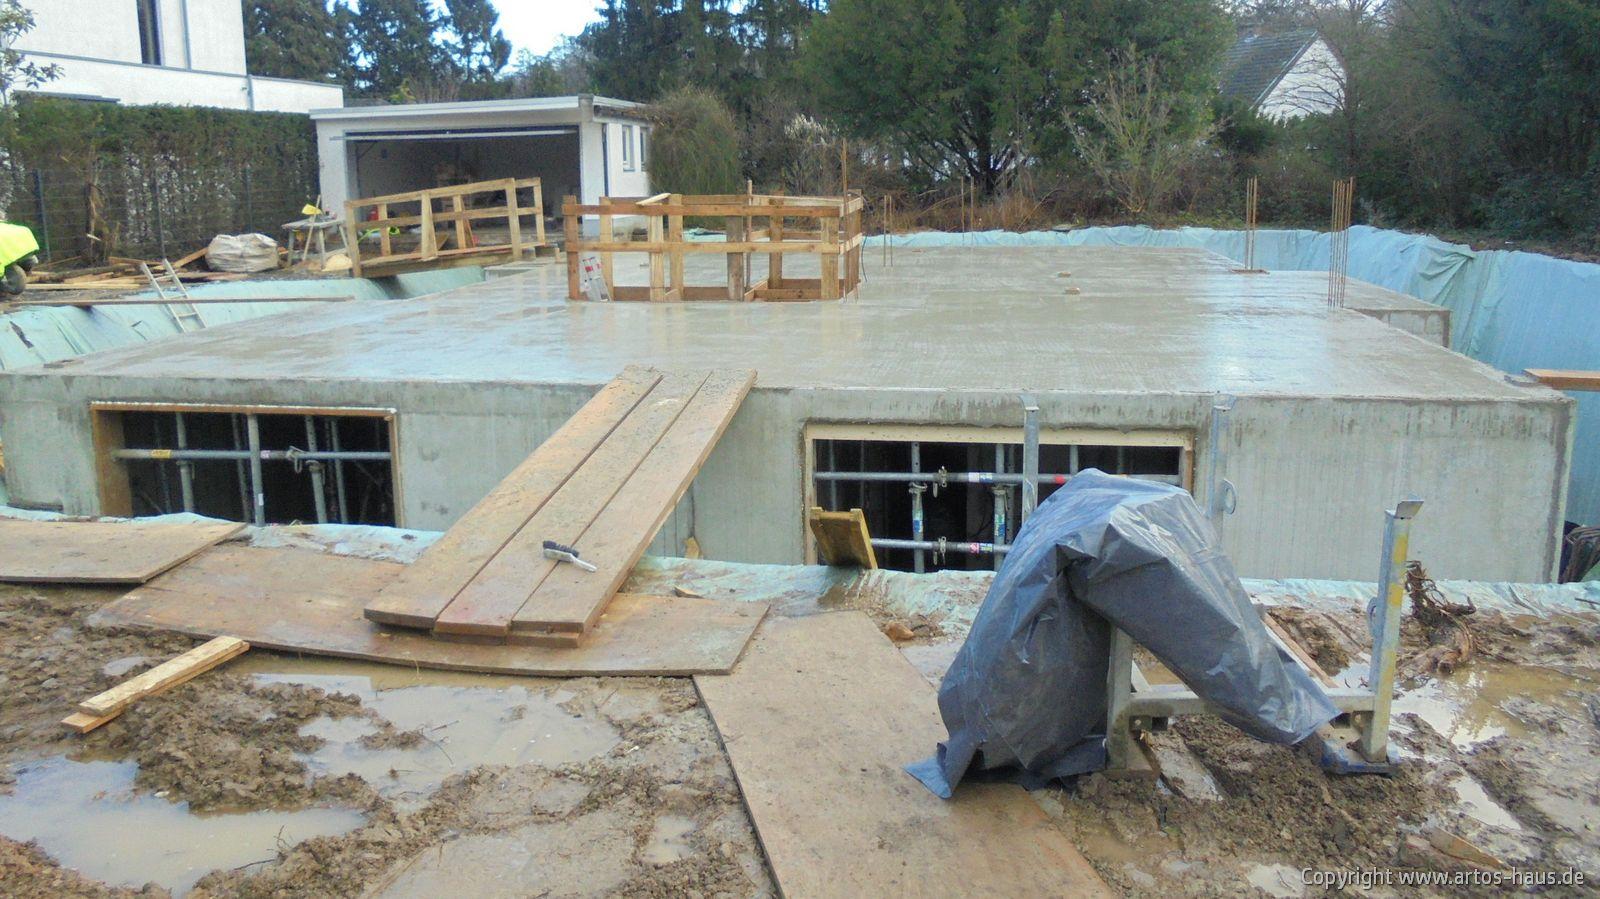 Kellergeschoß Decke betoniert / ARTOS-HAUS Bild 1